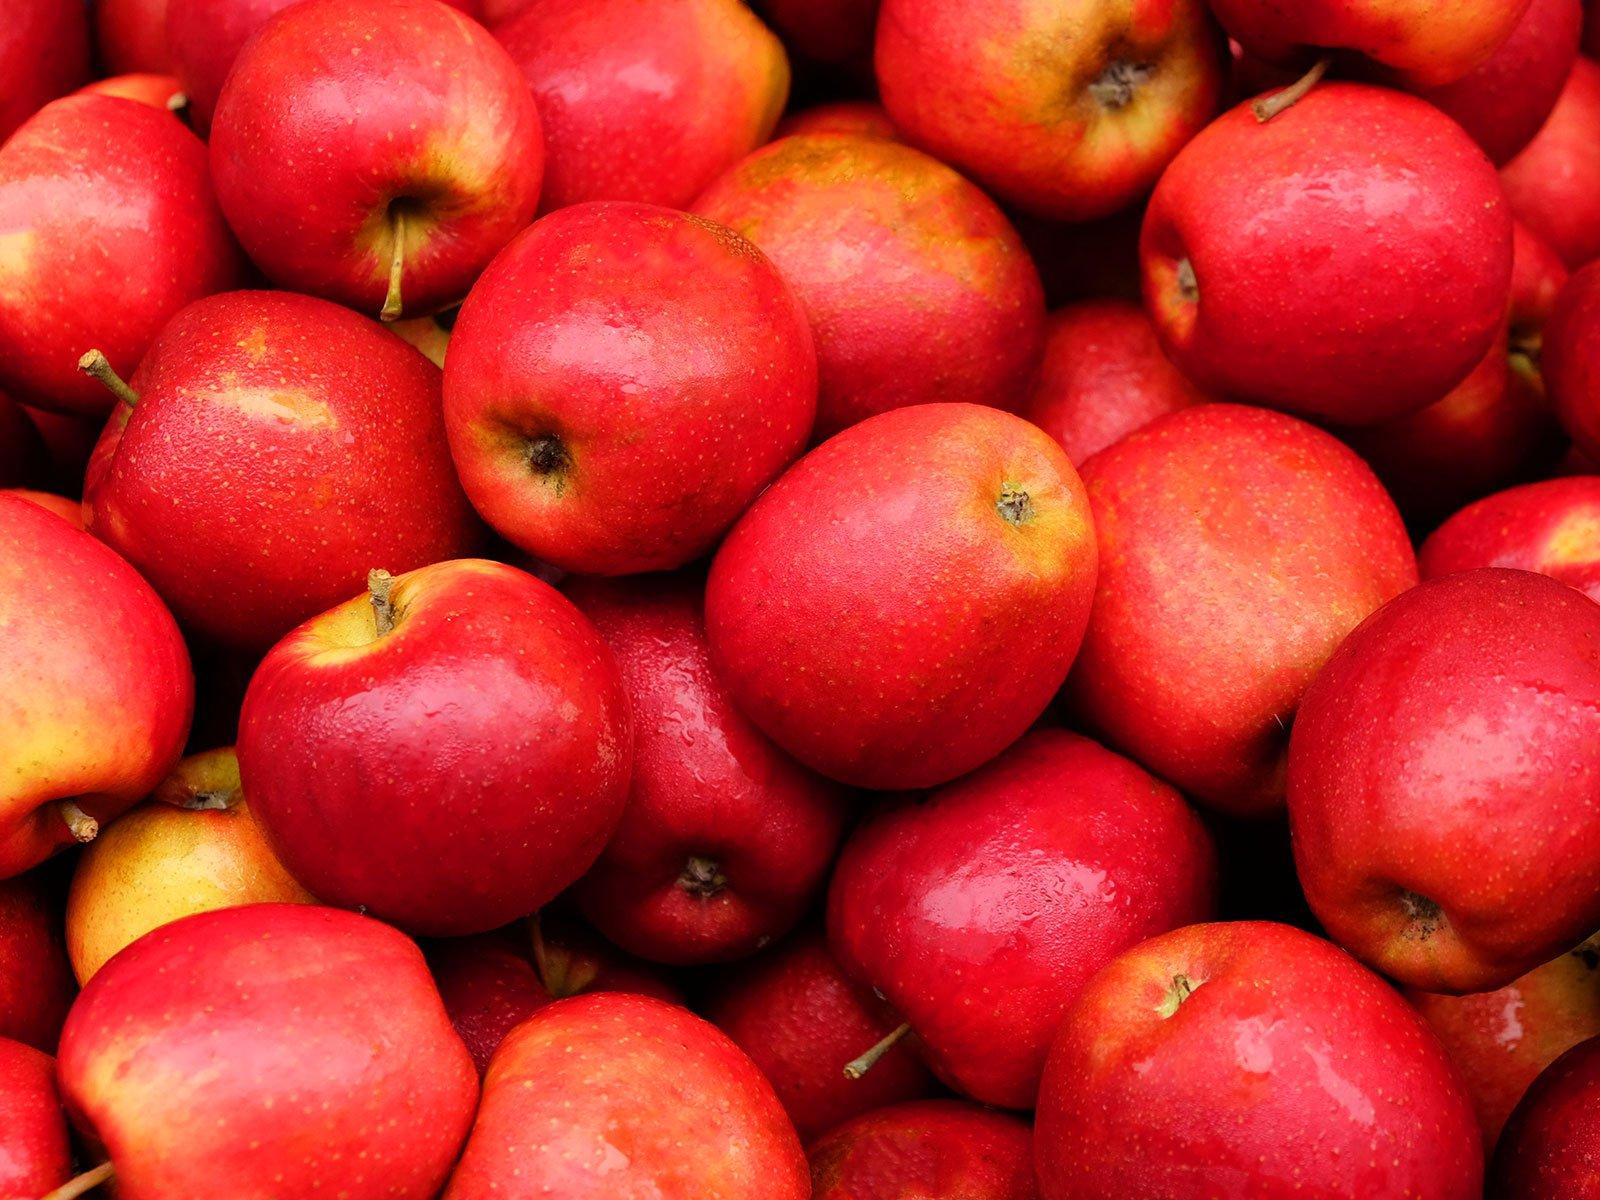 Full Frame Shot Of Red Apples